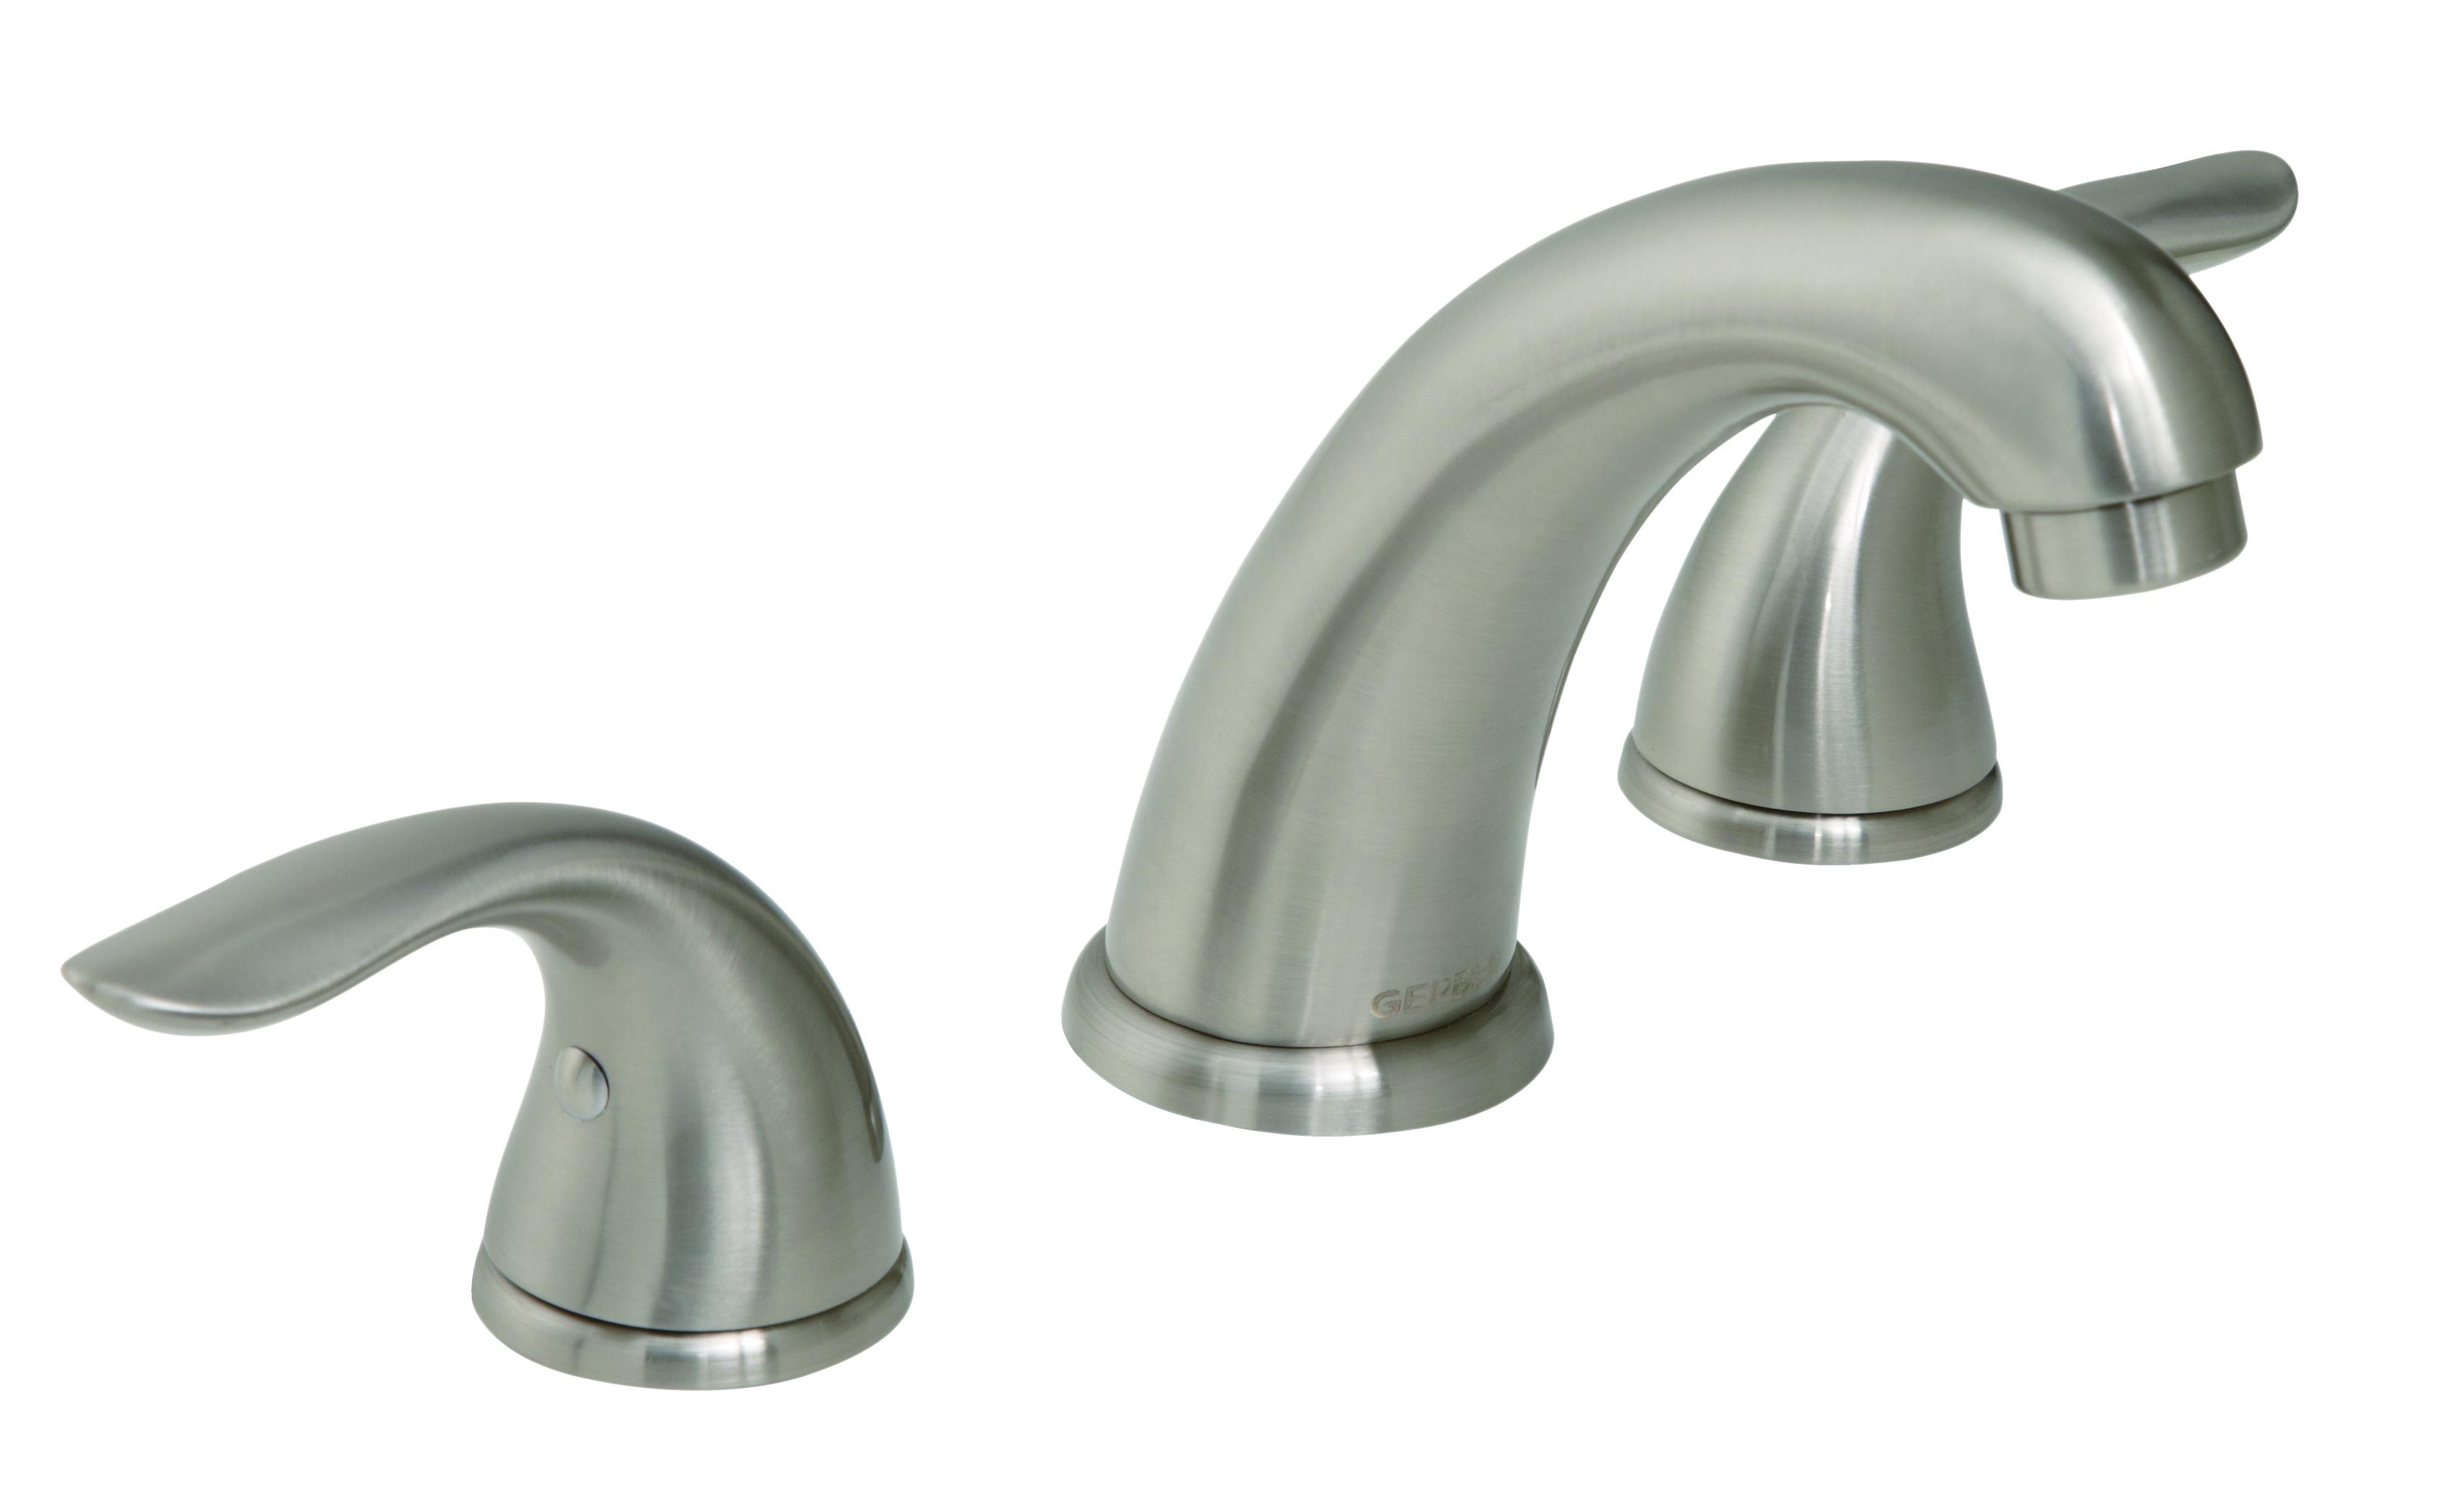 Viper 174 Two Handle Widespread Bathroom Faucet Gerber Plumbing